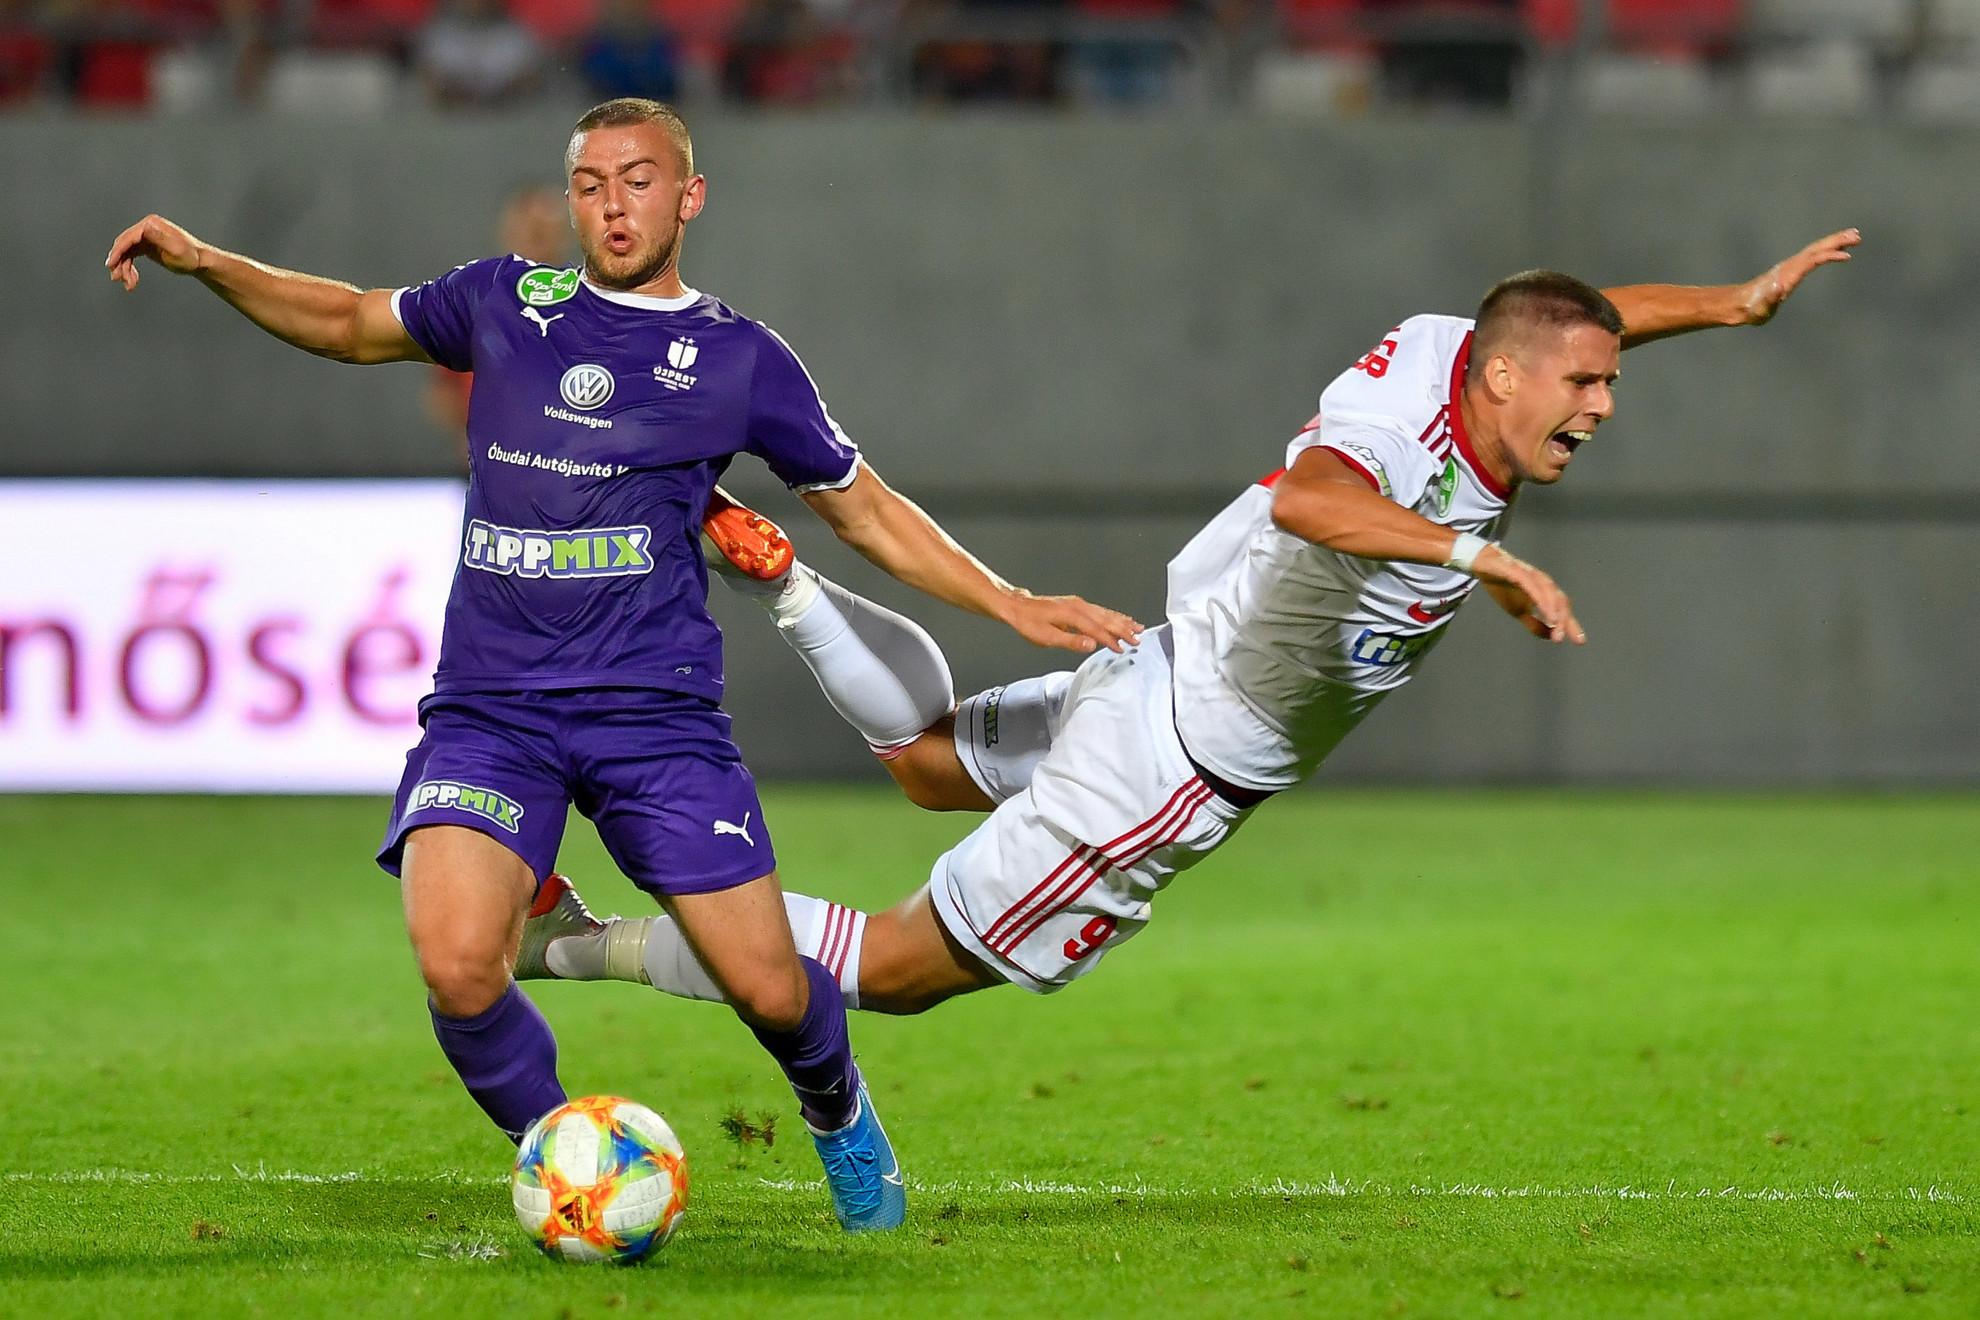 Az újpesti Zsótér Donát (b) és a kisvárdai Tischler Patrik harcol a labdaért